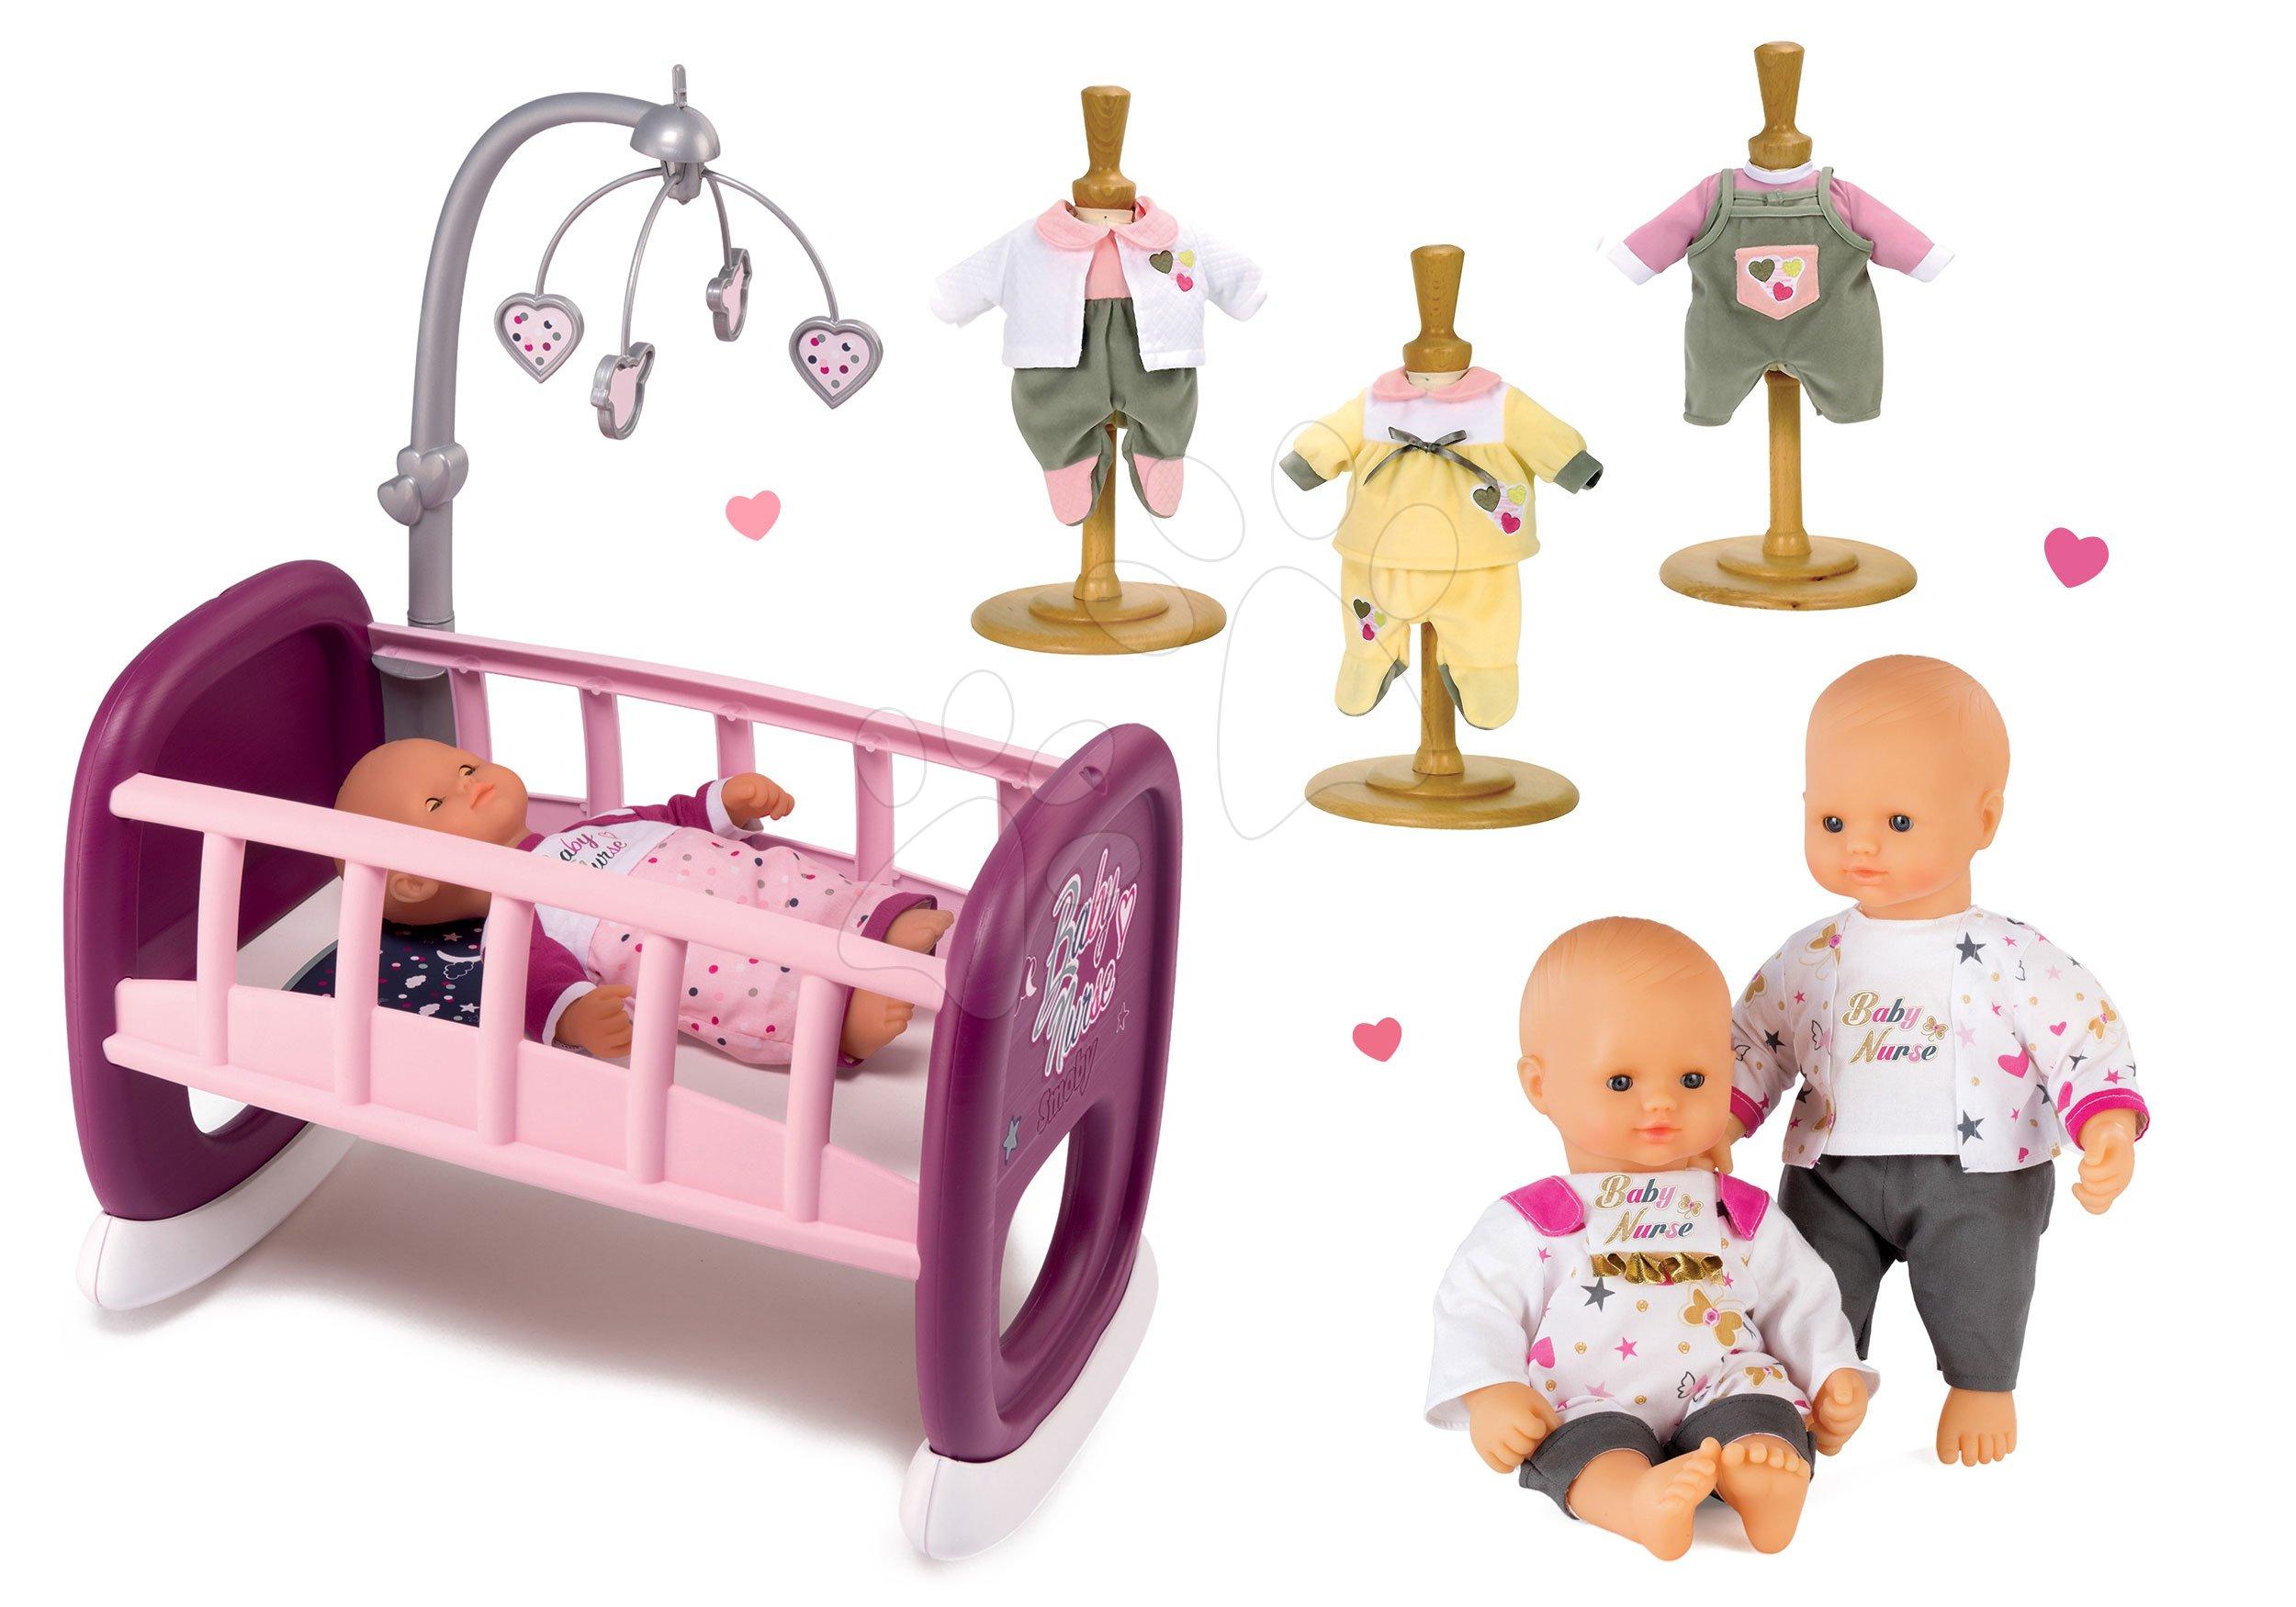 Set panenka Baby Nurse Zlatá edice Smoby 32 cm, kolébka s kolotočem a 3 šaty od 24 měs